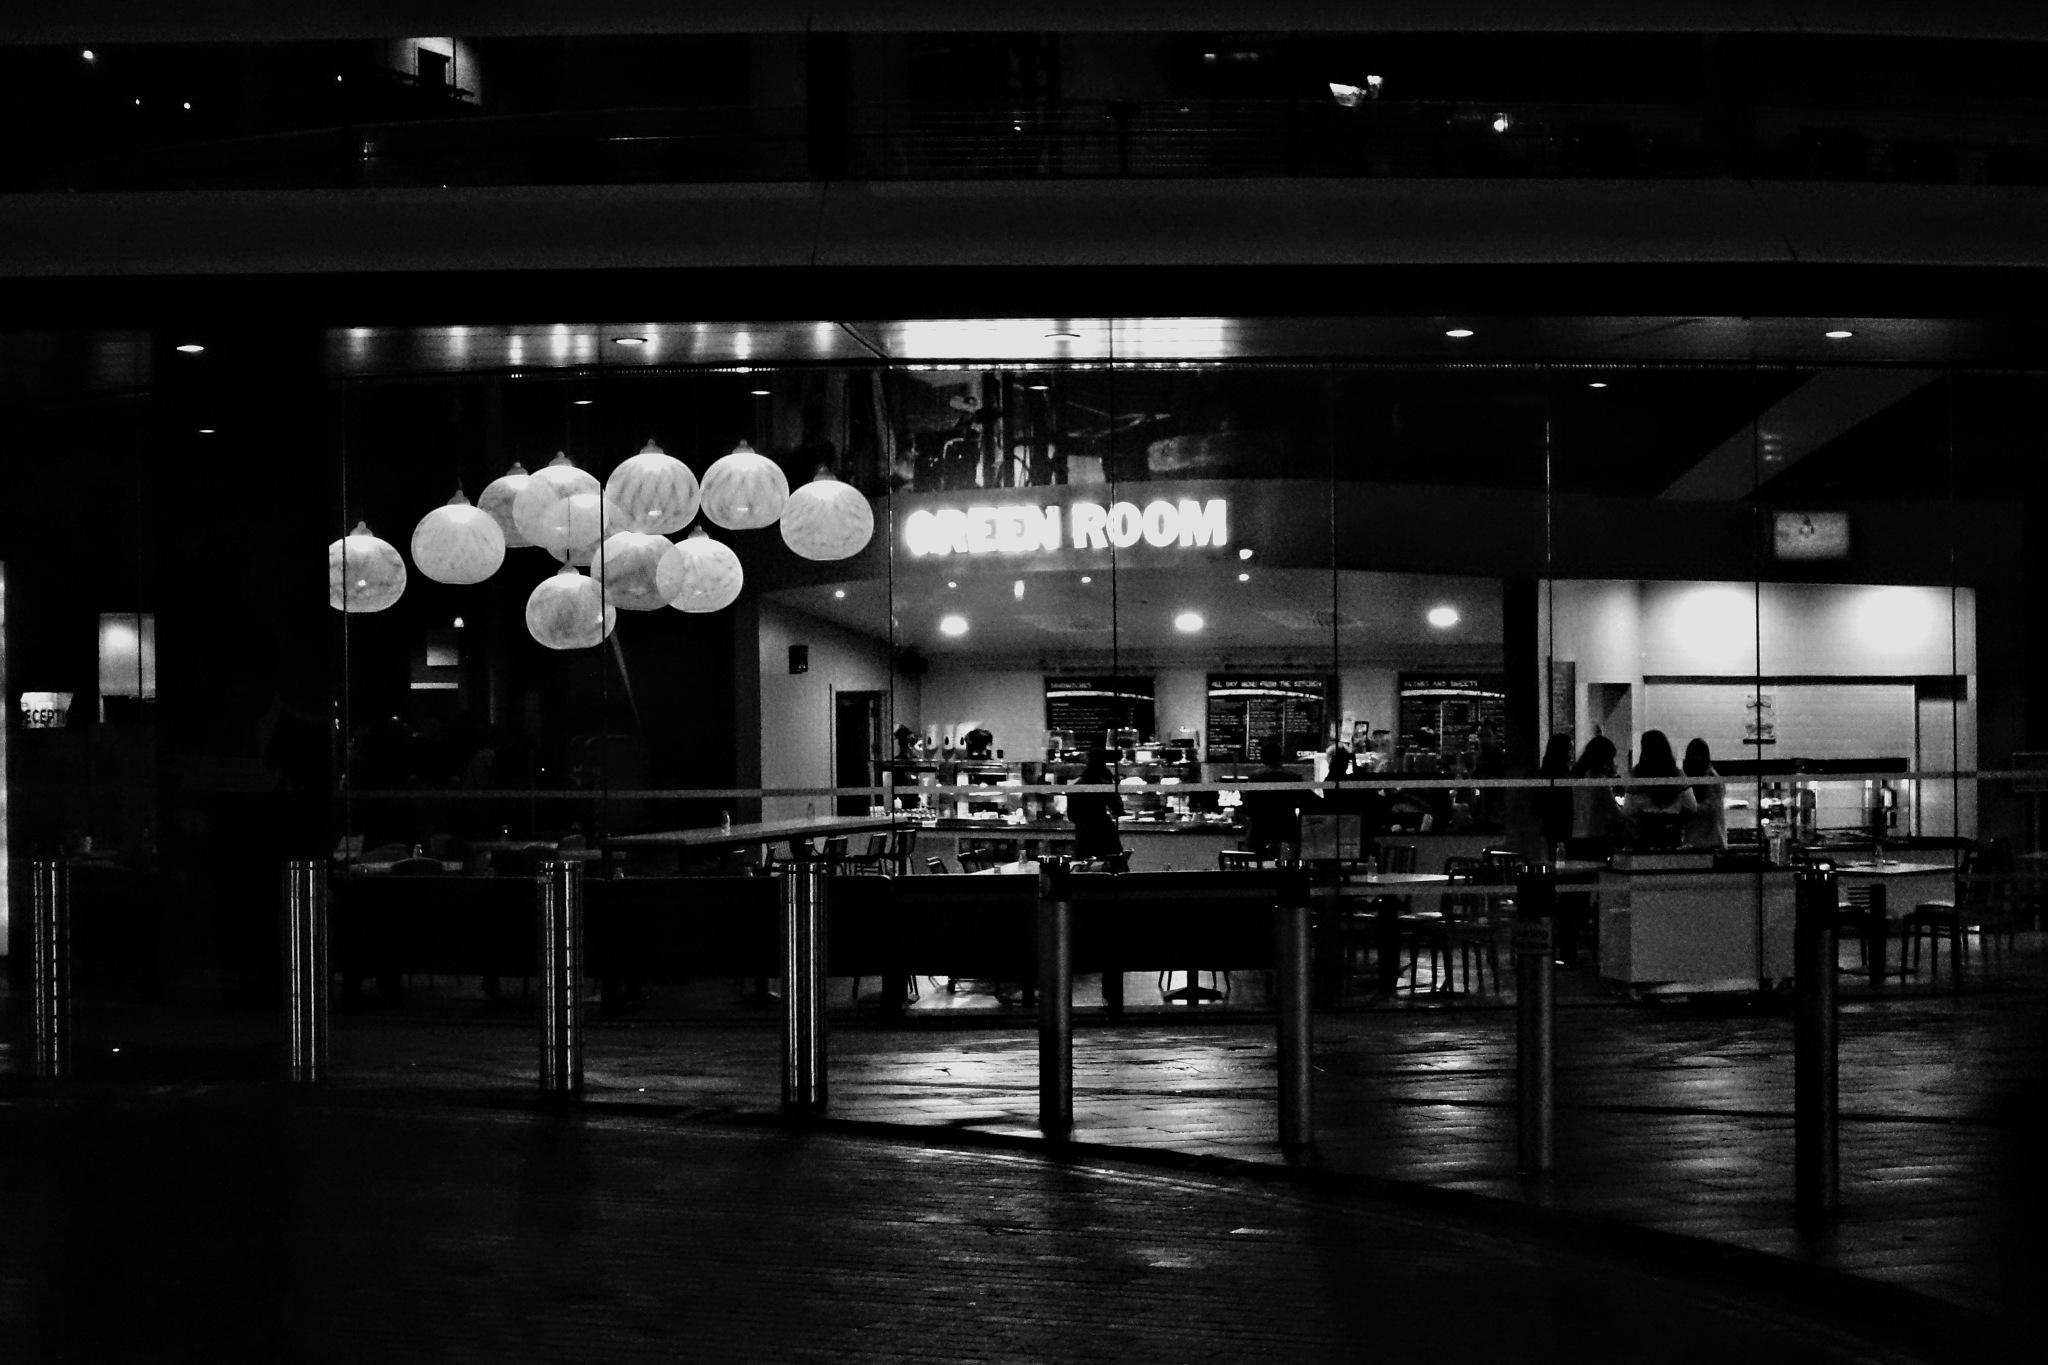 Foyer by Rich66